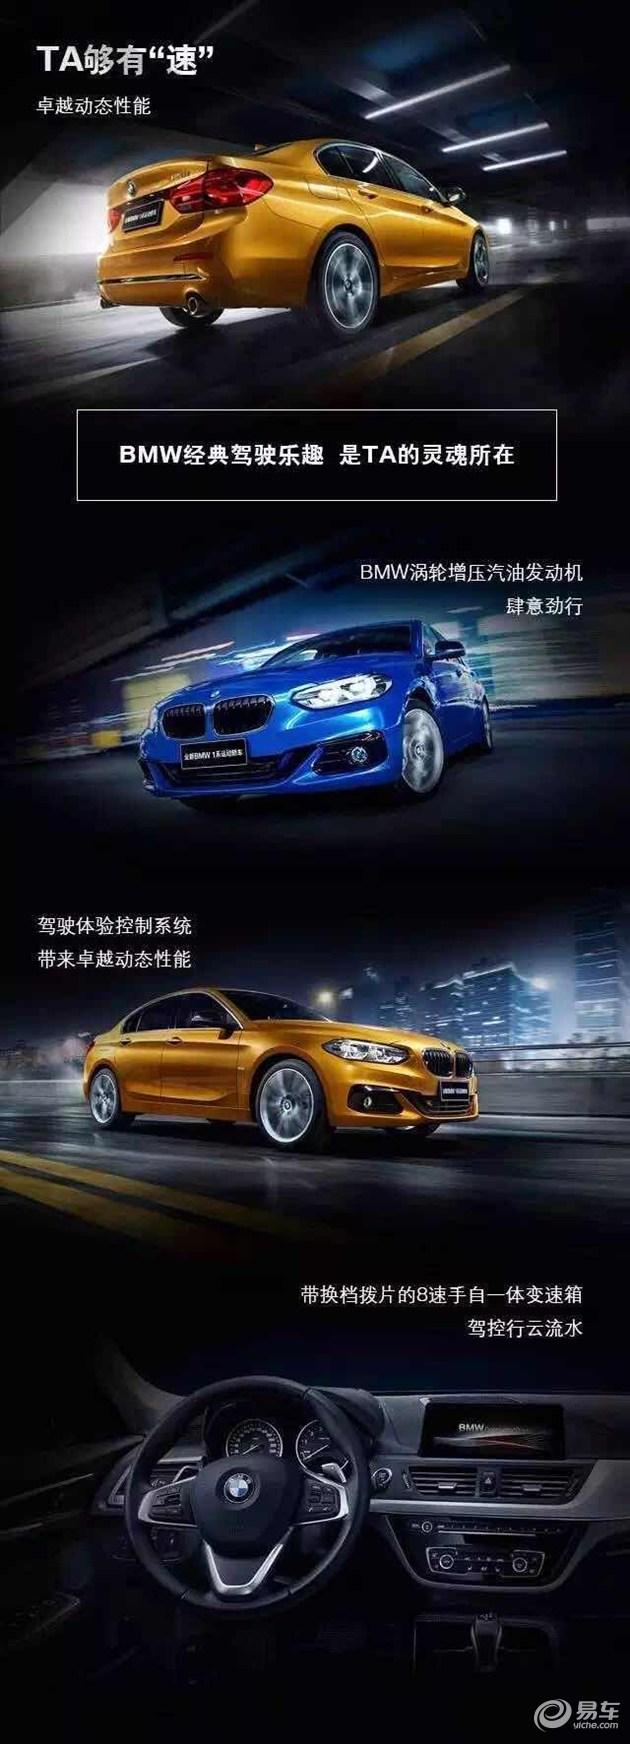 中山合宝全新BMW1系运动轿车车手招募令